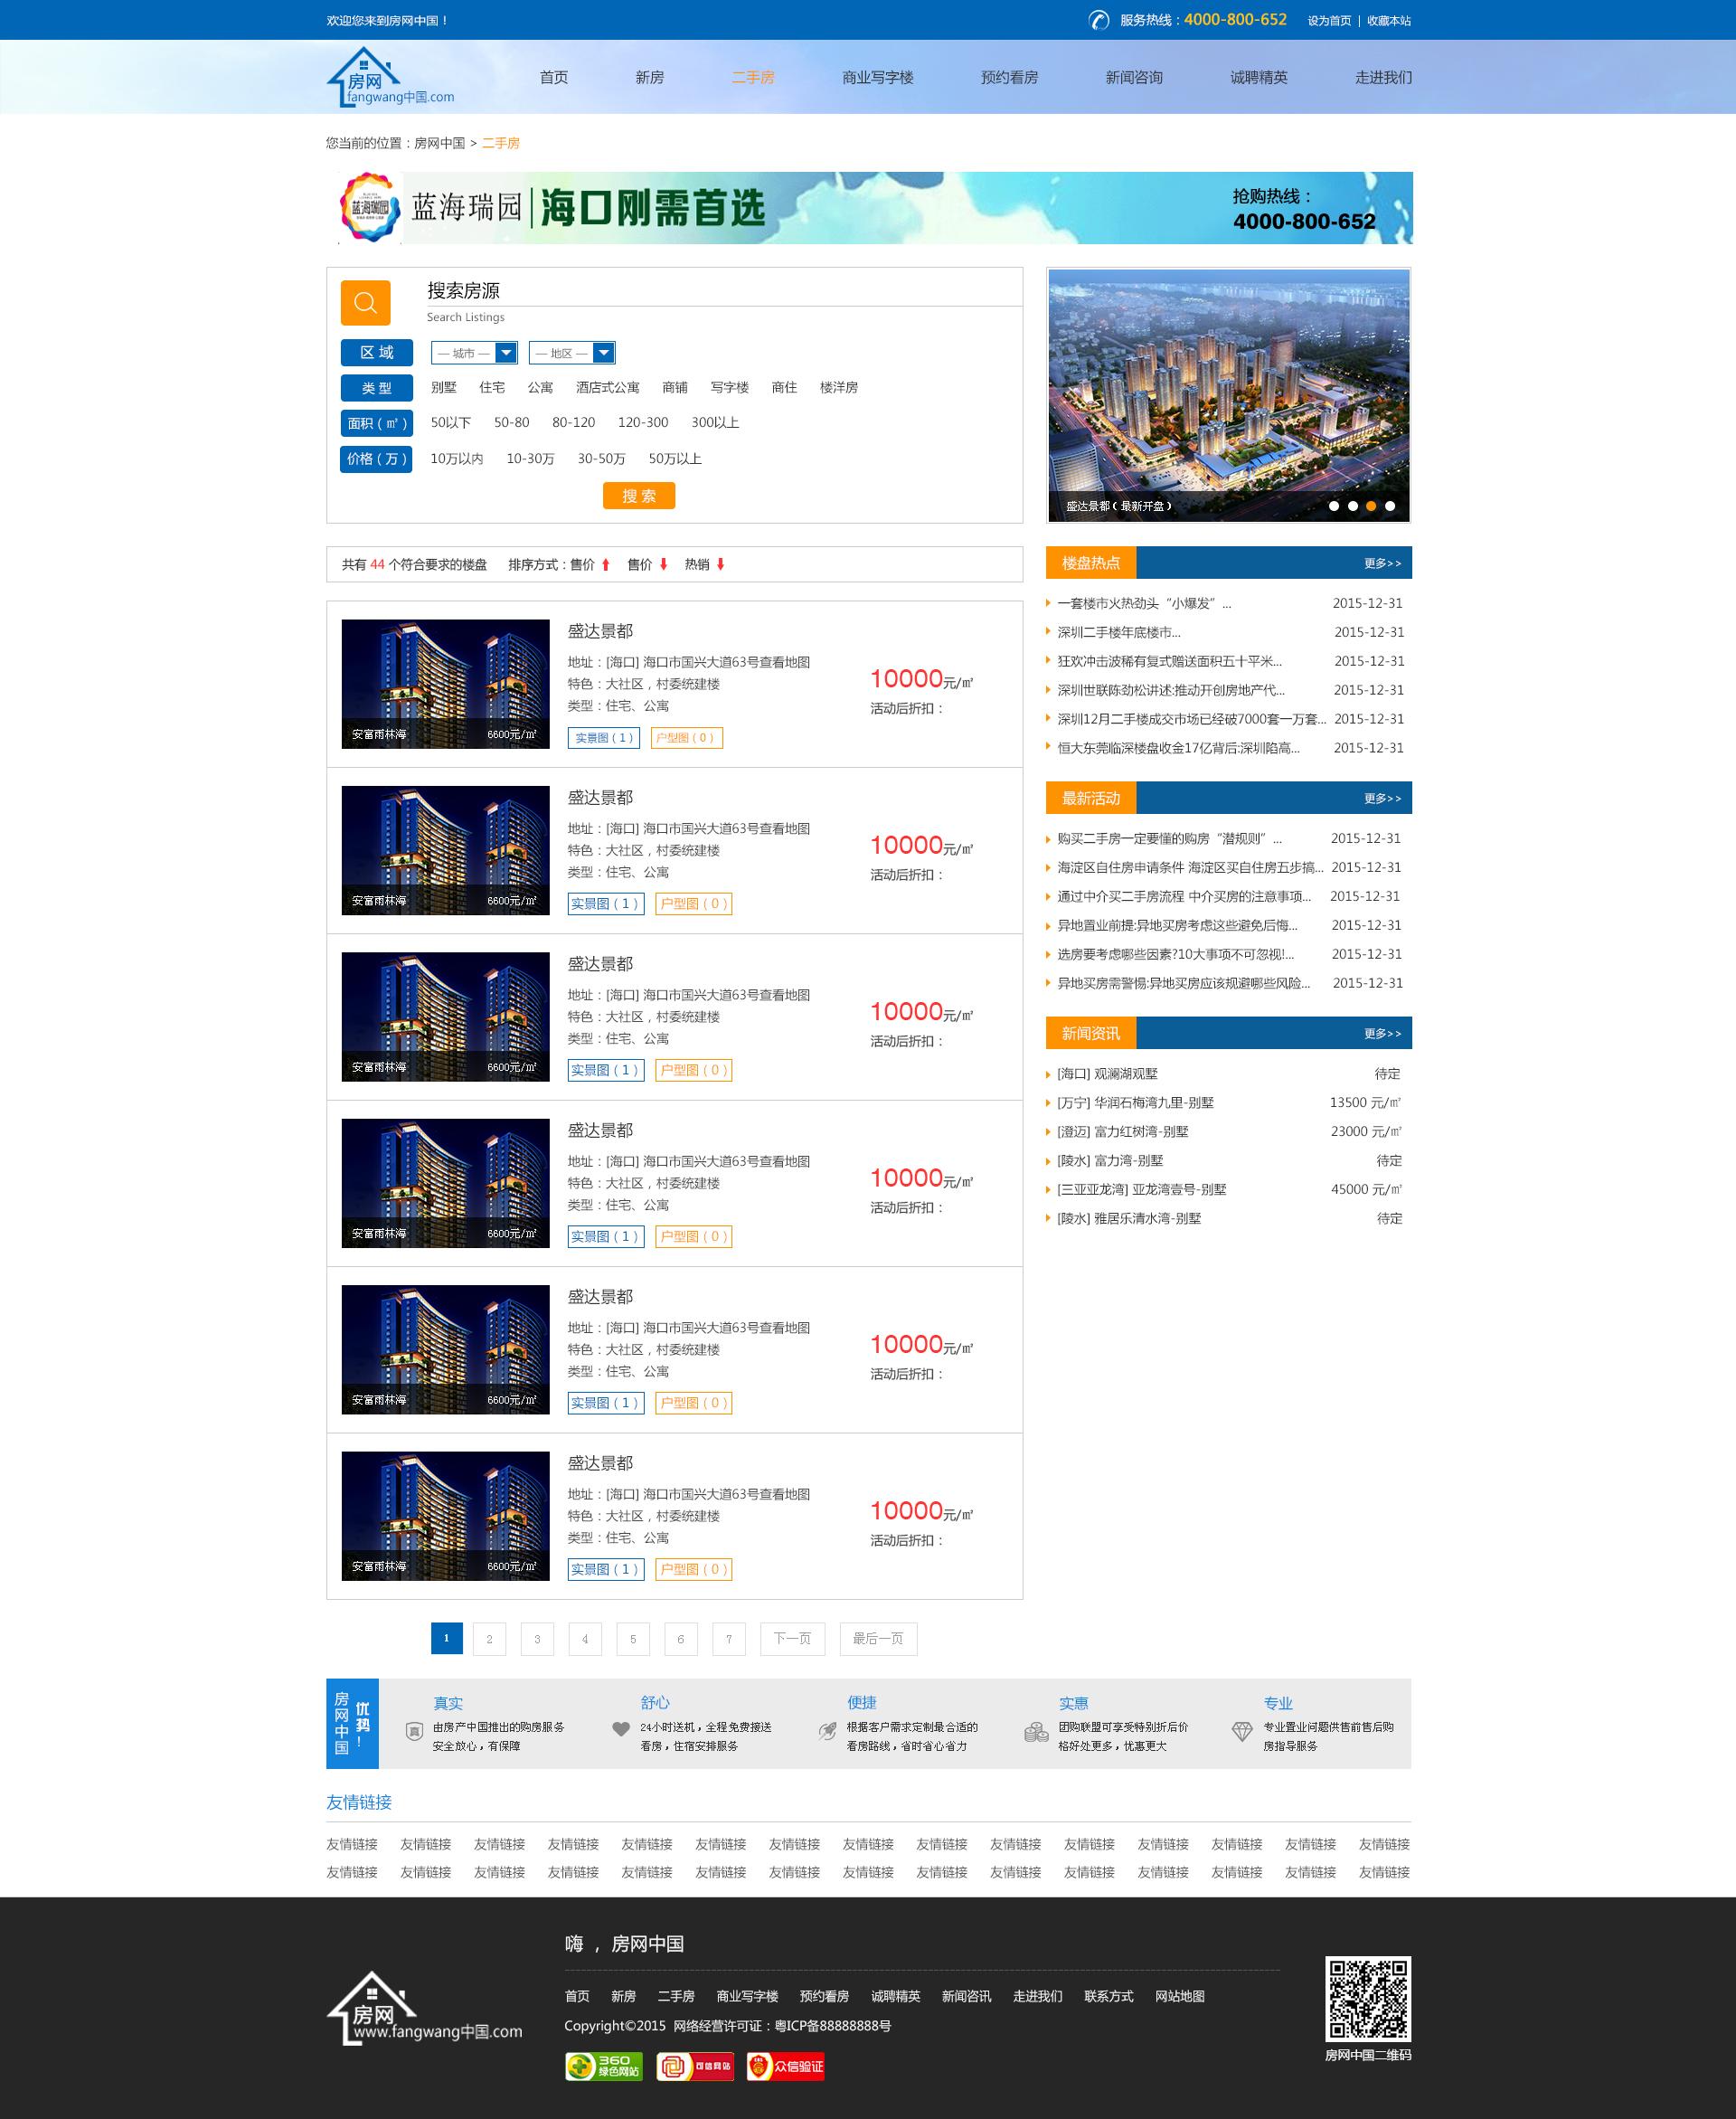 深一集团,深圳网络公司,深圳做网站,深圳建网站